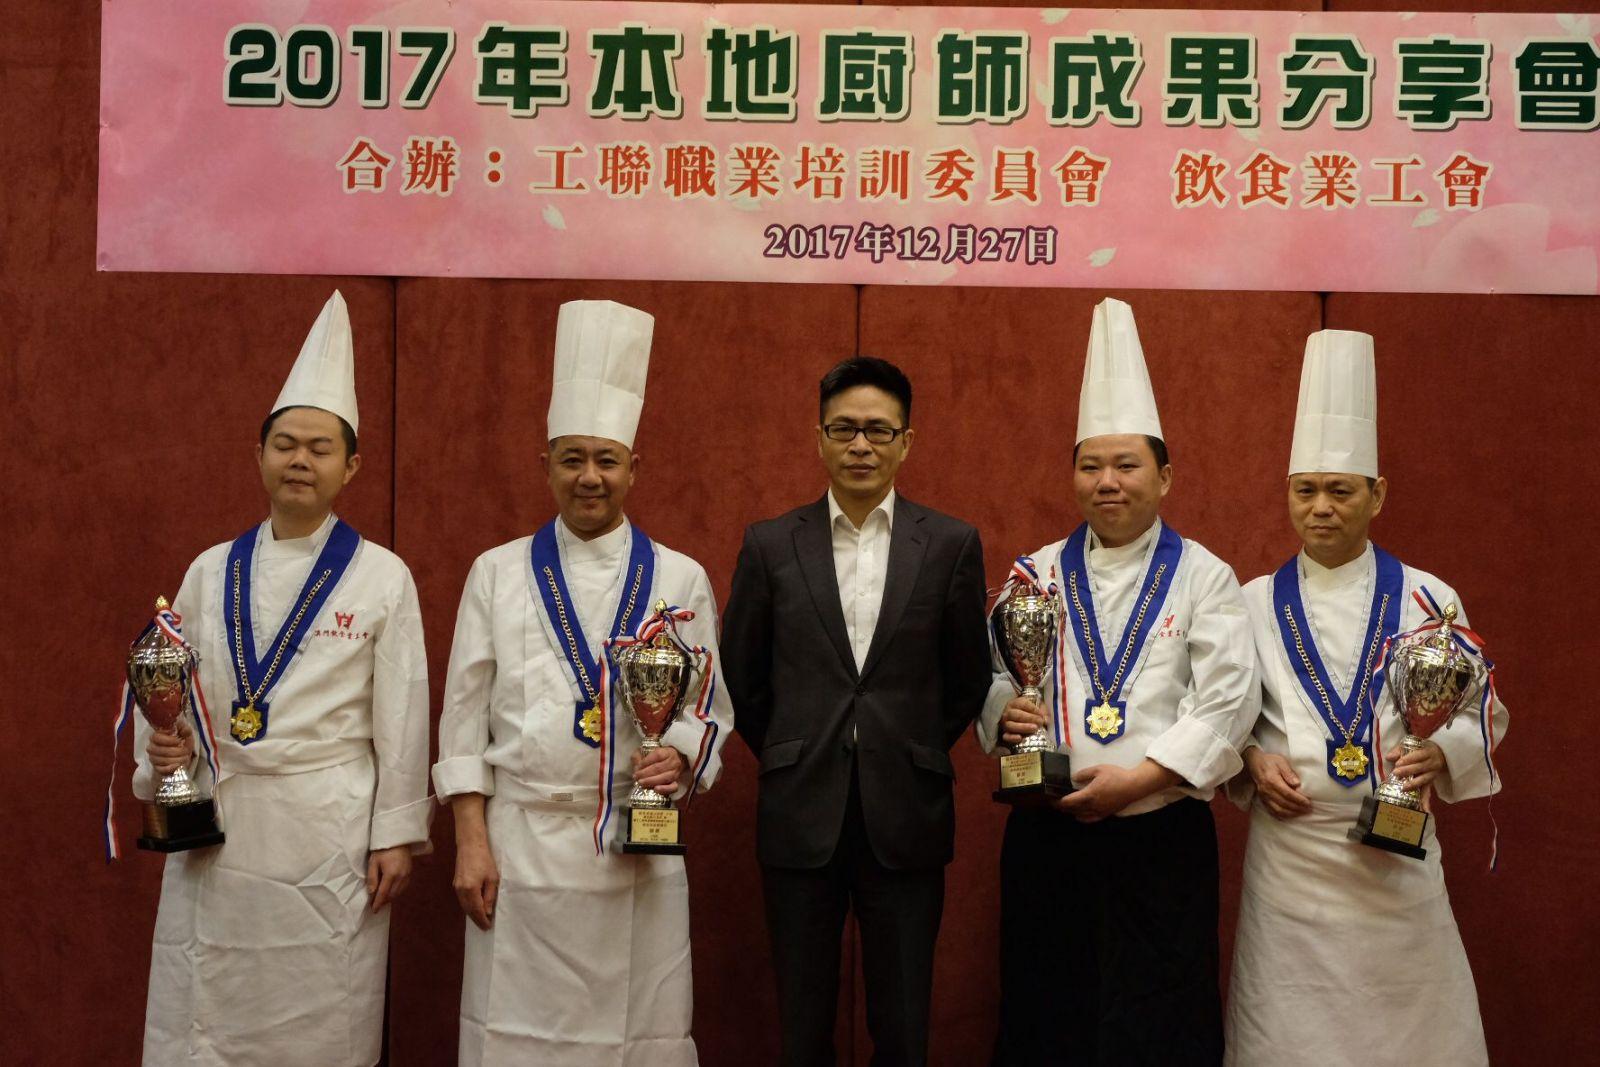 工聯籲業界改善廚師職涯發展